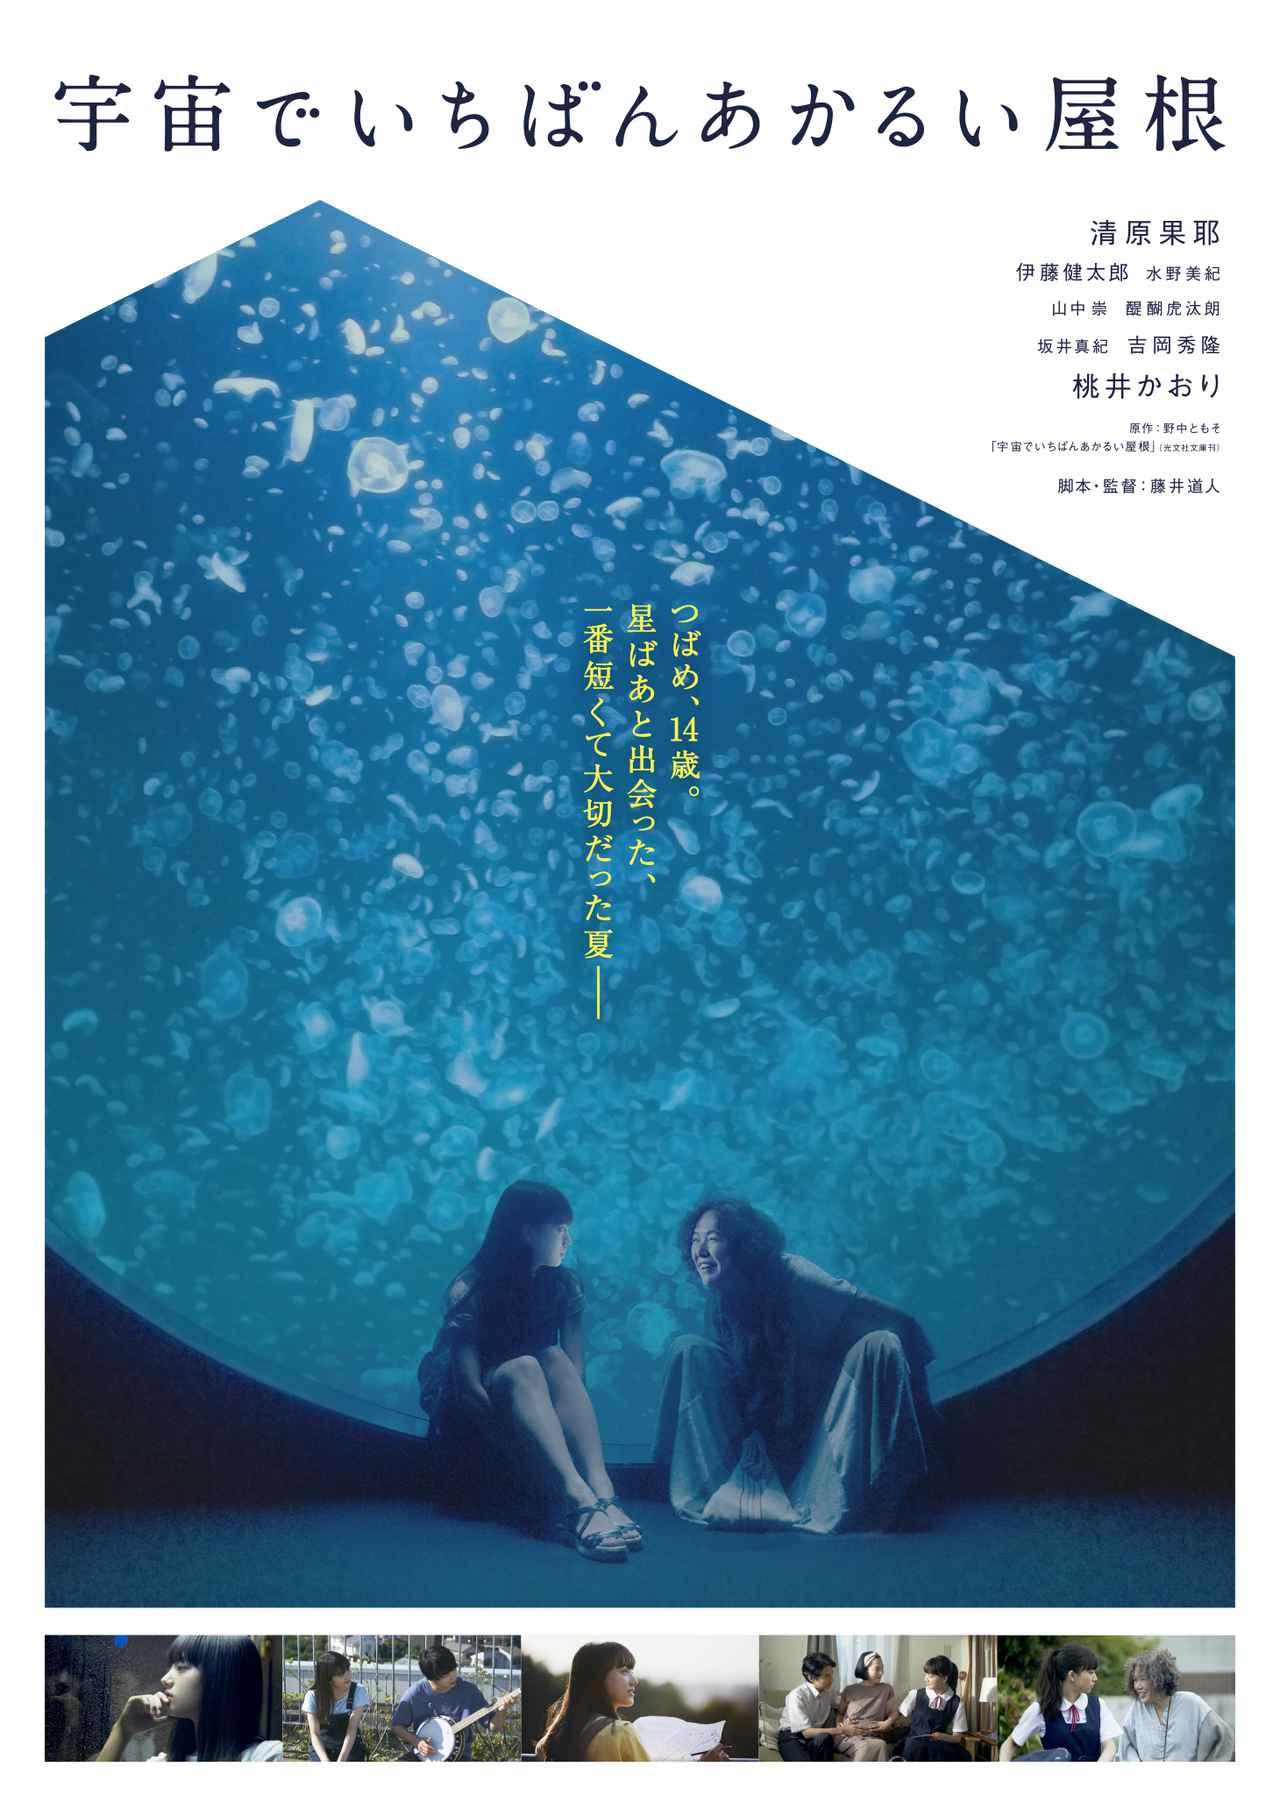 画像2: 清原果耶主演映画『宇宙でいちばんあかるい屋根』のビジュアル2種解禁